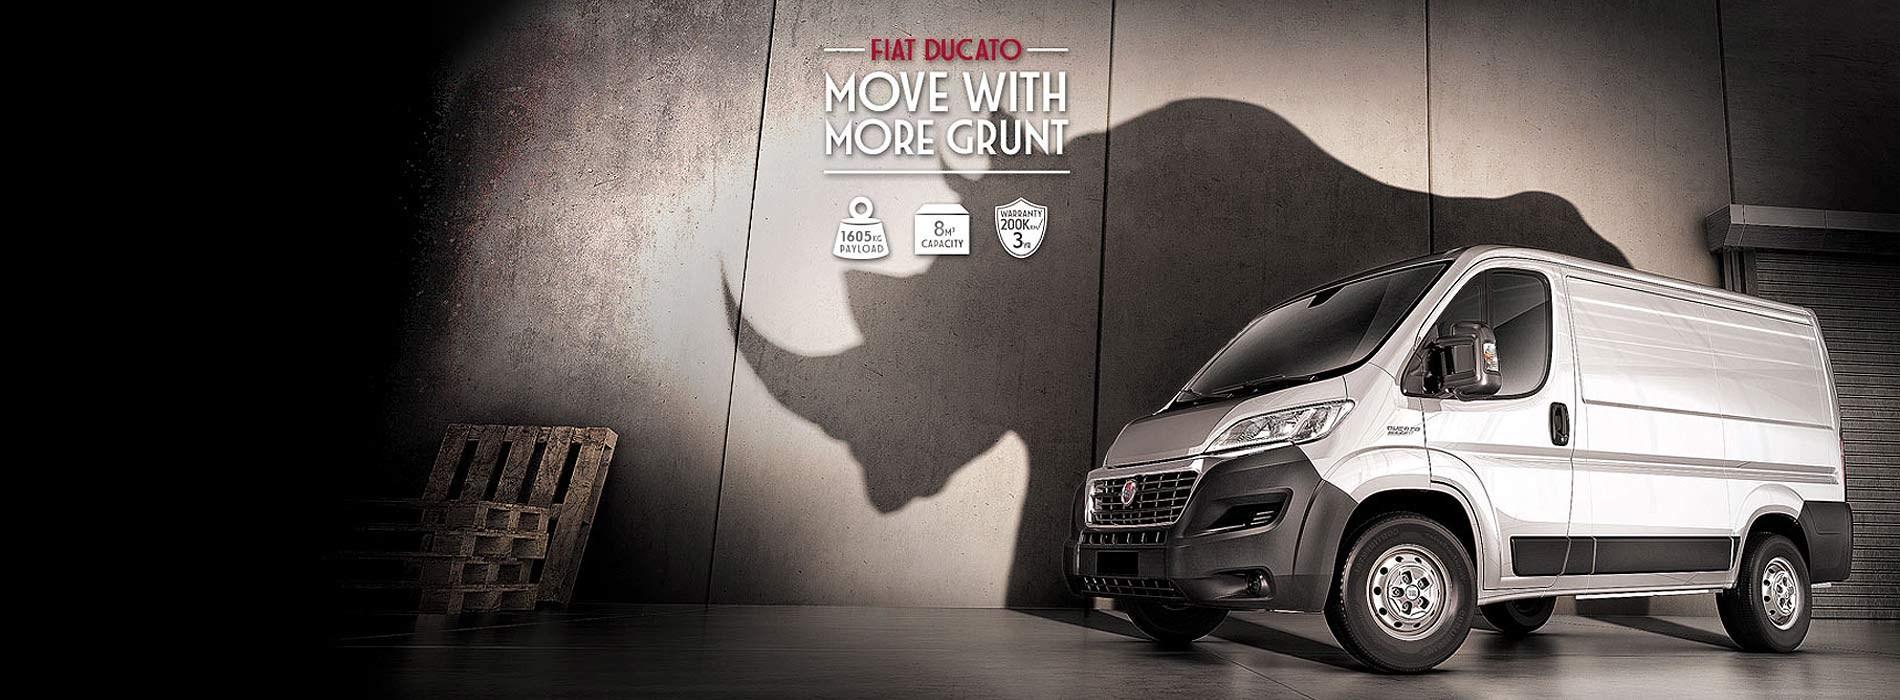 Fiat Professional Ducato